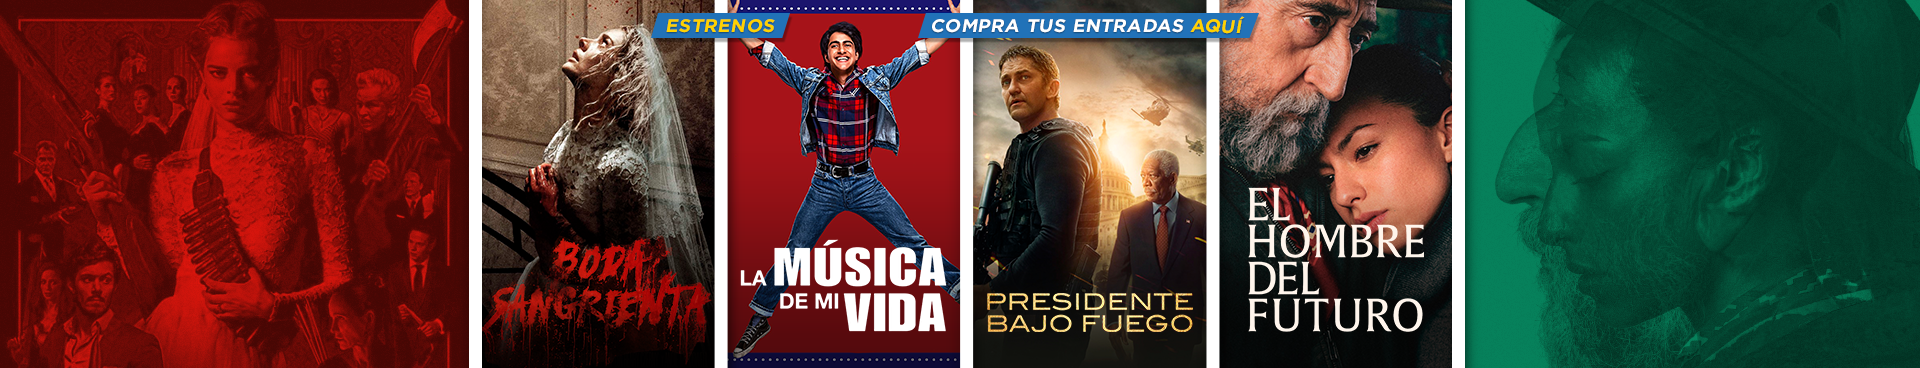 ESTRENOS: BODA SANGRIENTA + LA MUSICA DE MI VIDA + PRESIDENTE BAJO EL FUEGO + EL HOMBRE DEL FUTURO, COMPRA TUS ENTRADAS AQUÍ